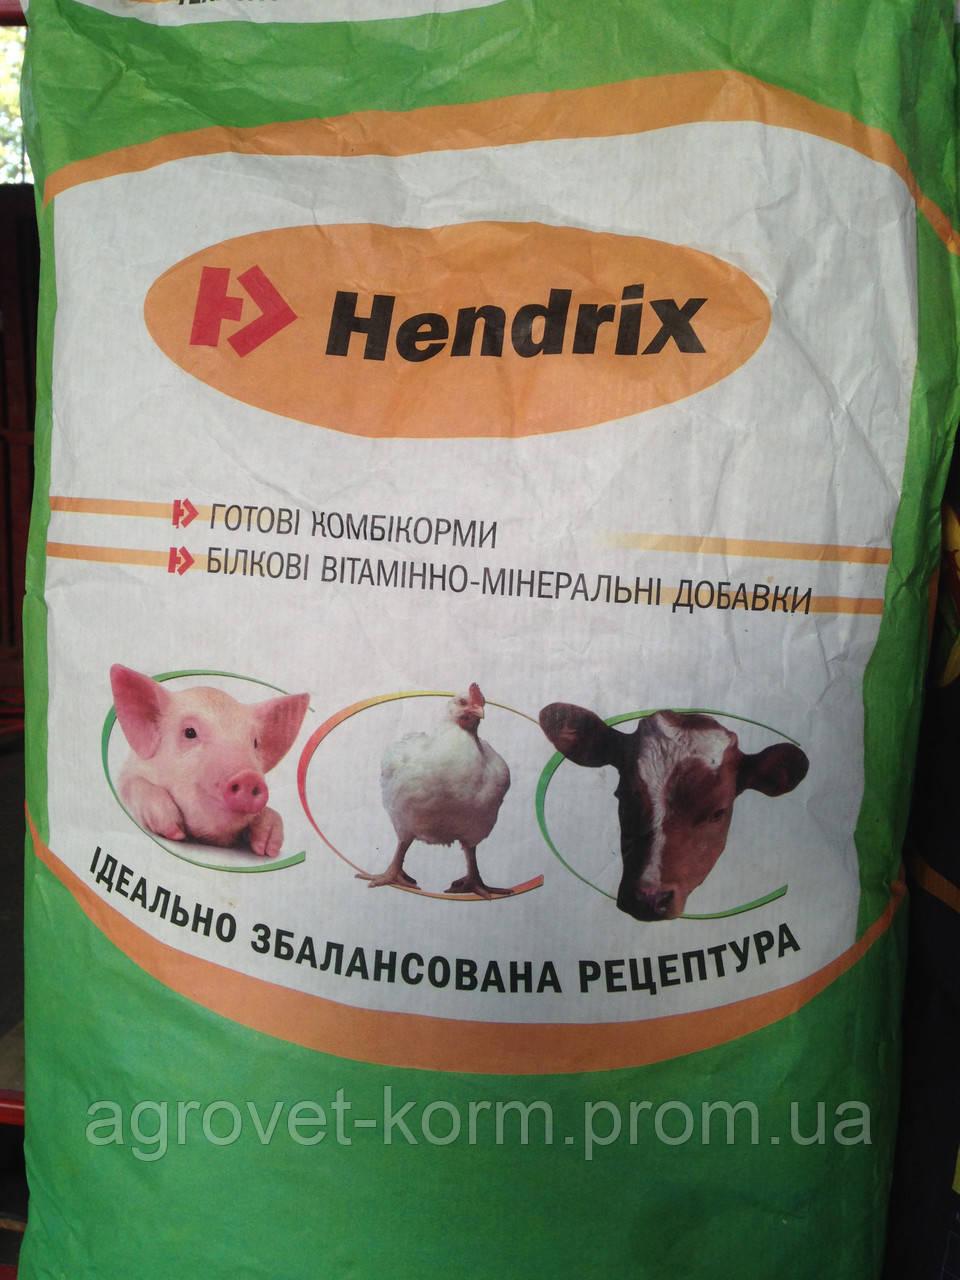 Калинка-25 КТ 25-30% ВП гровер от 21 до 49 дня (6618), 25 кг